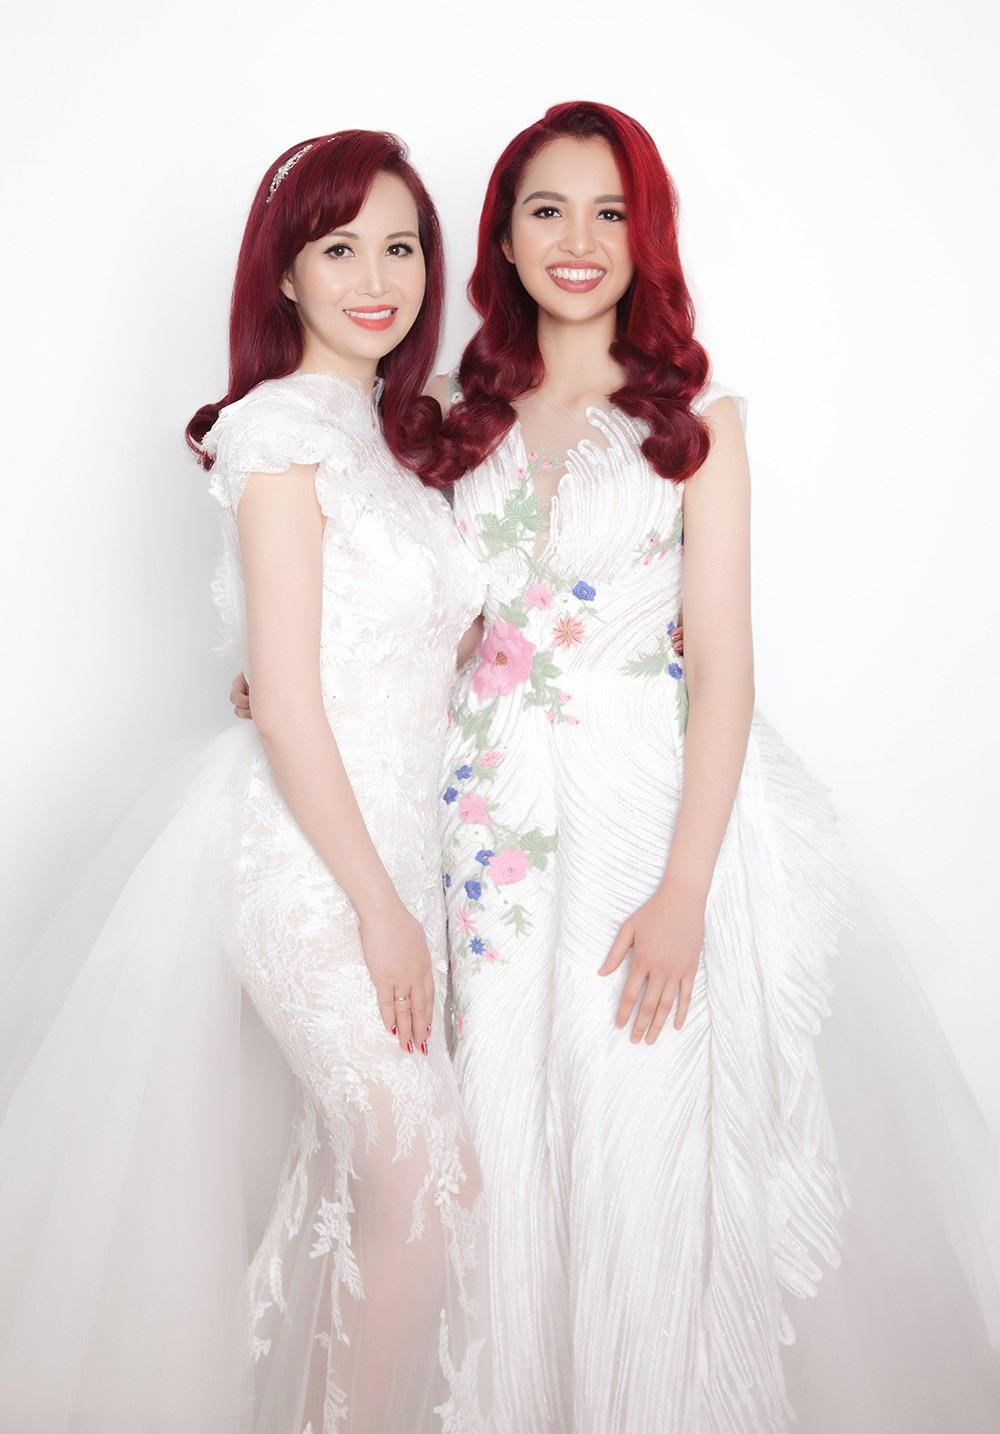 Hoa hậu Diệu Hoa chụp ảnh kỷ niệm 25 năm ngày cưới cùng gia đình - Ảnh 7.